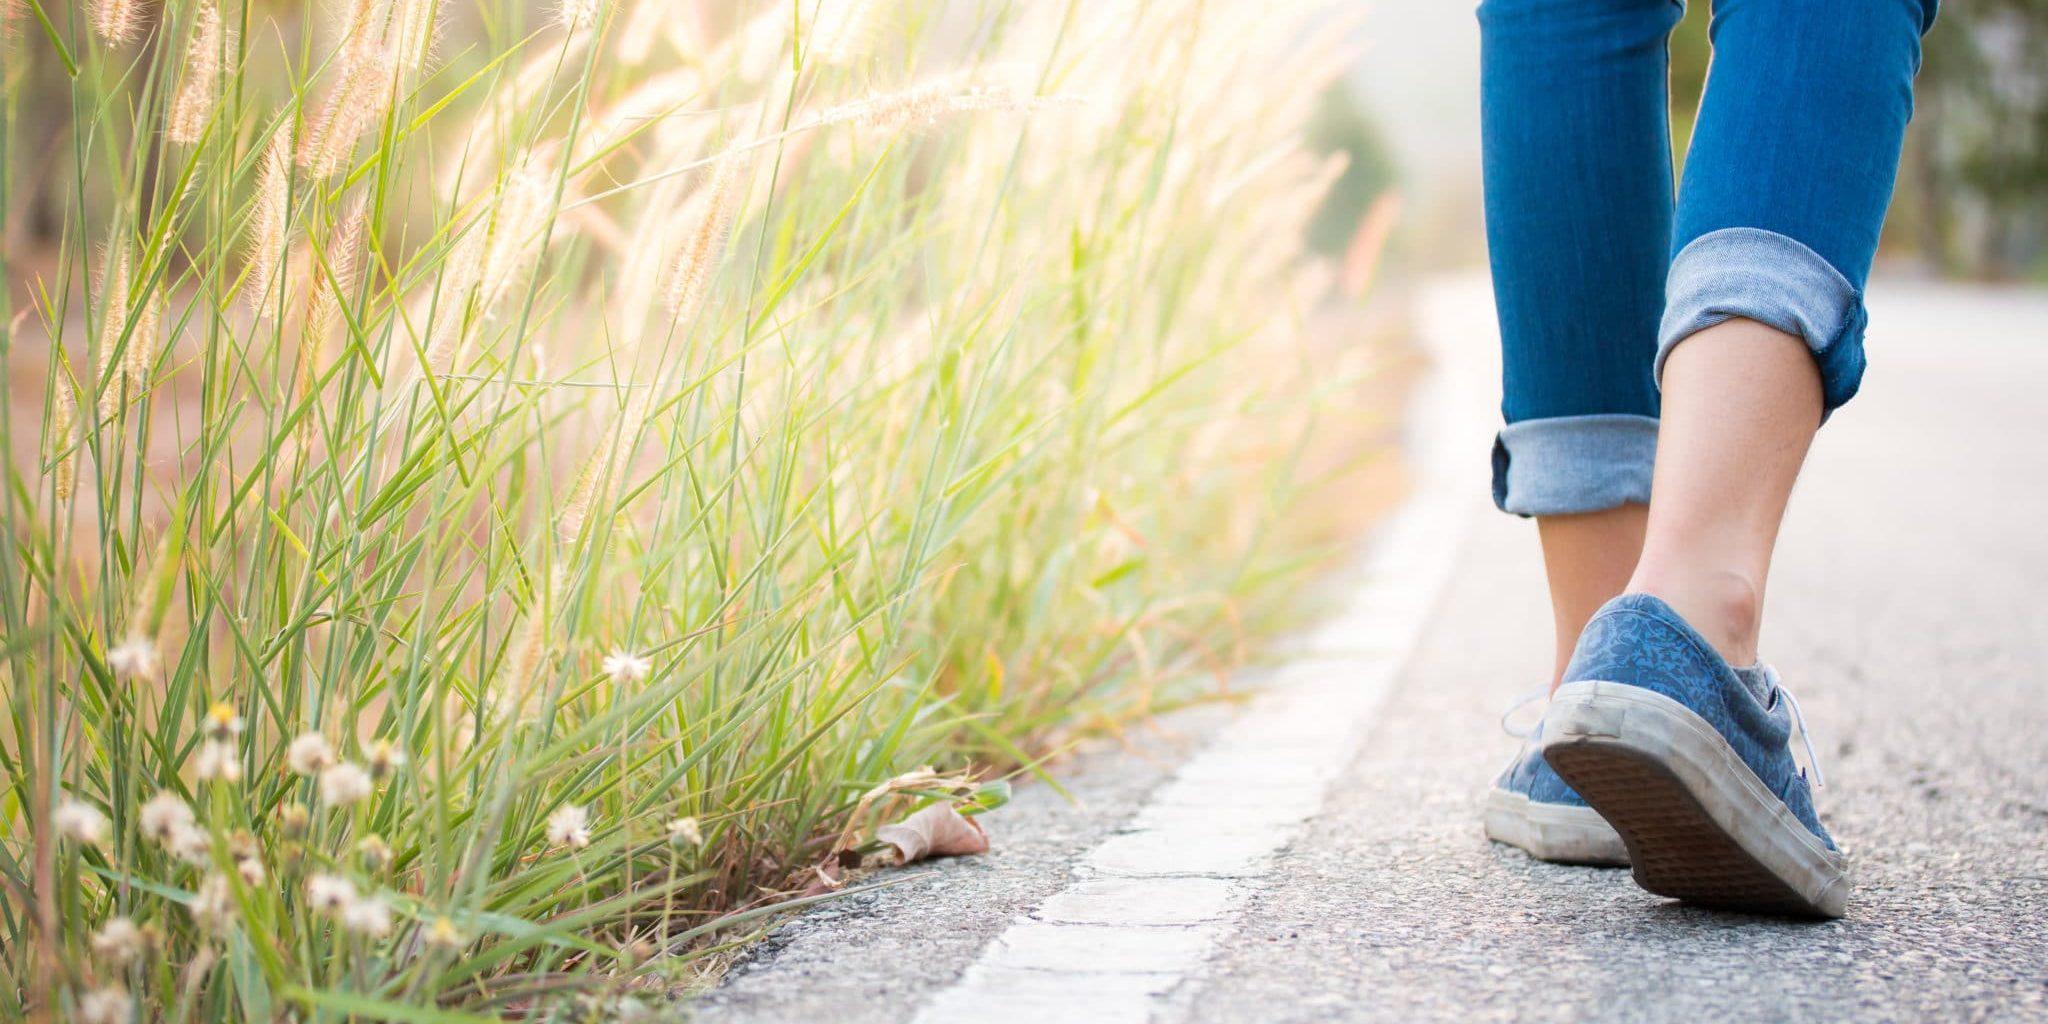 La pleine conscience au quotidien en marchant